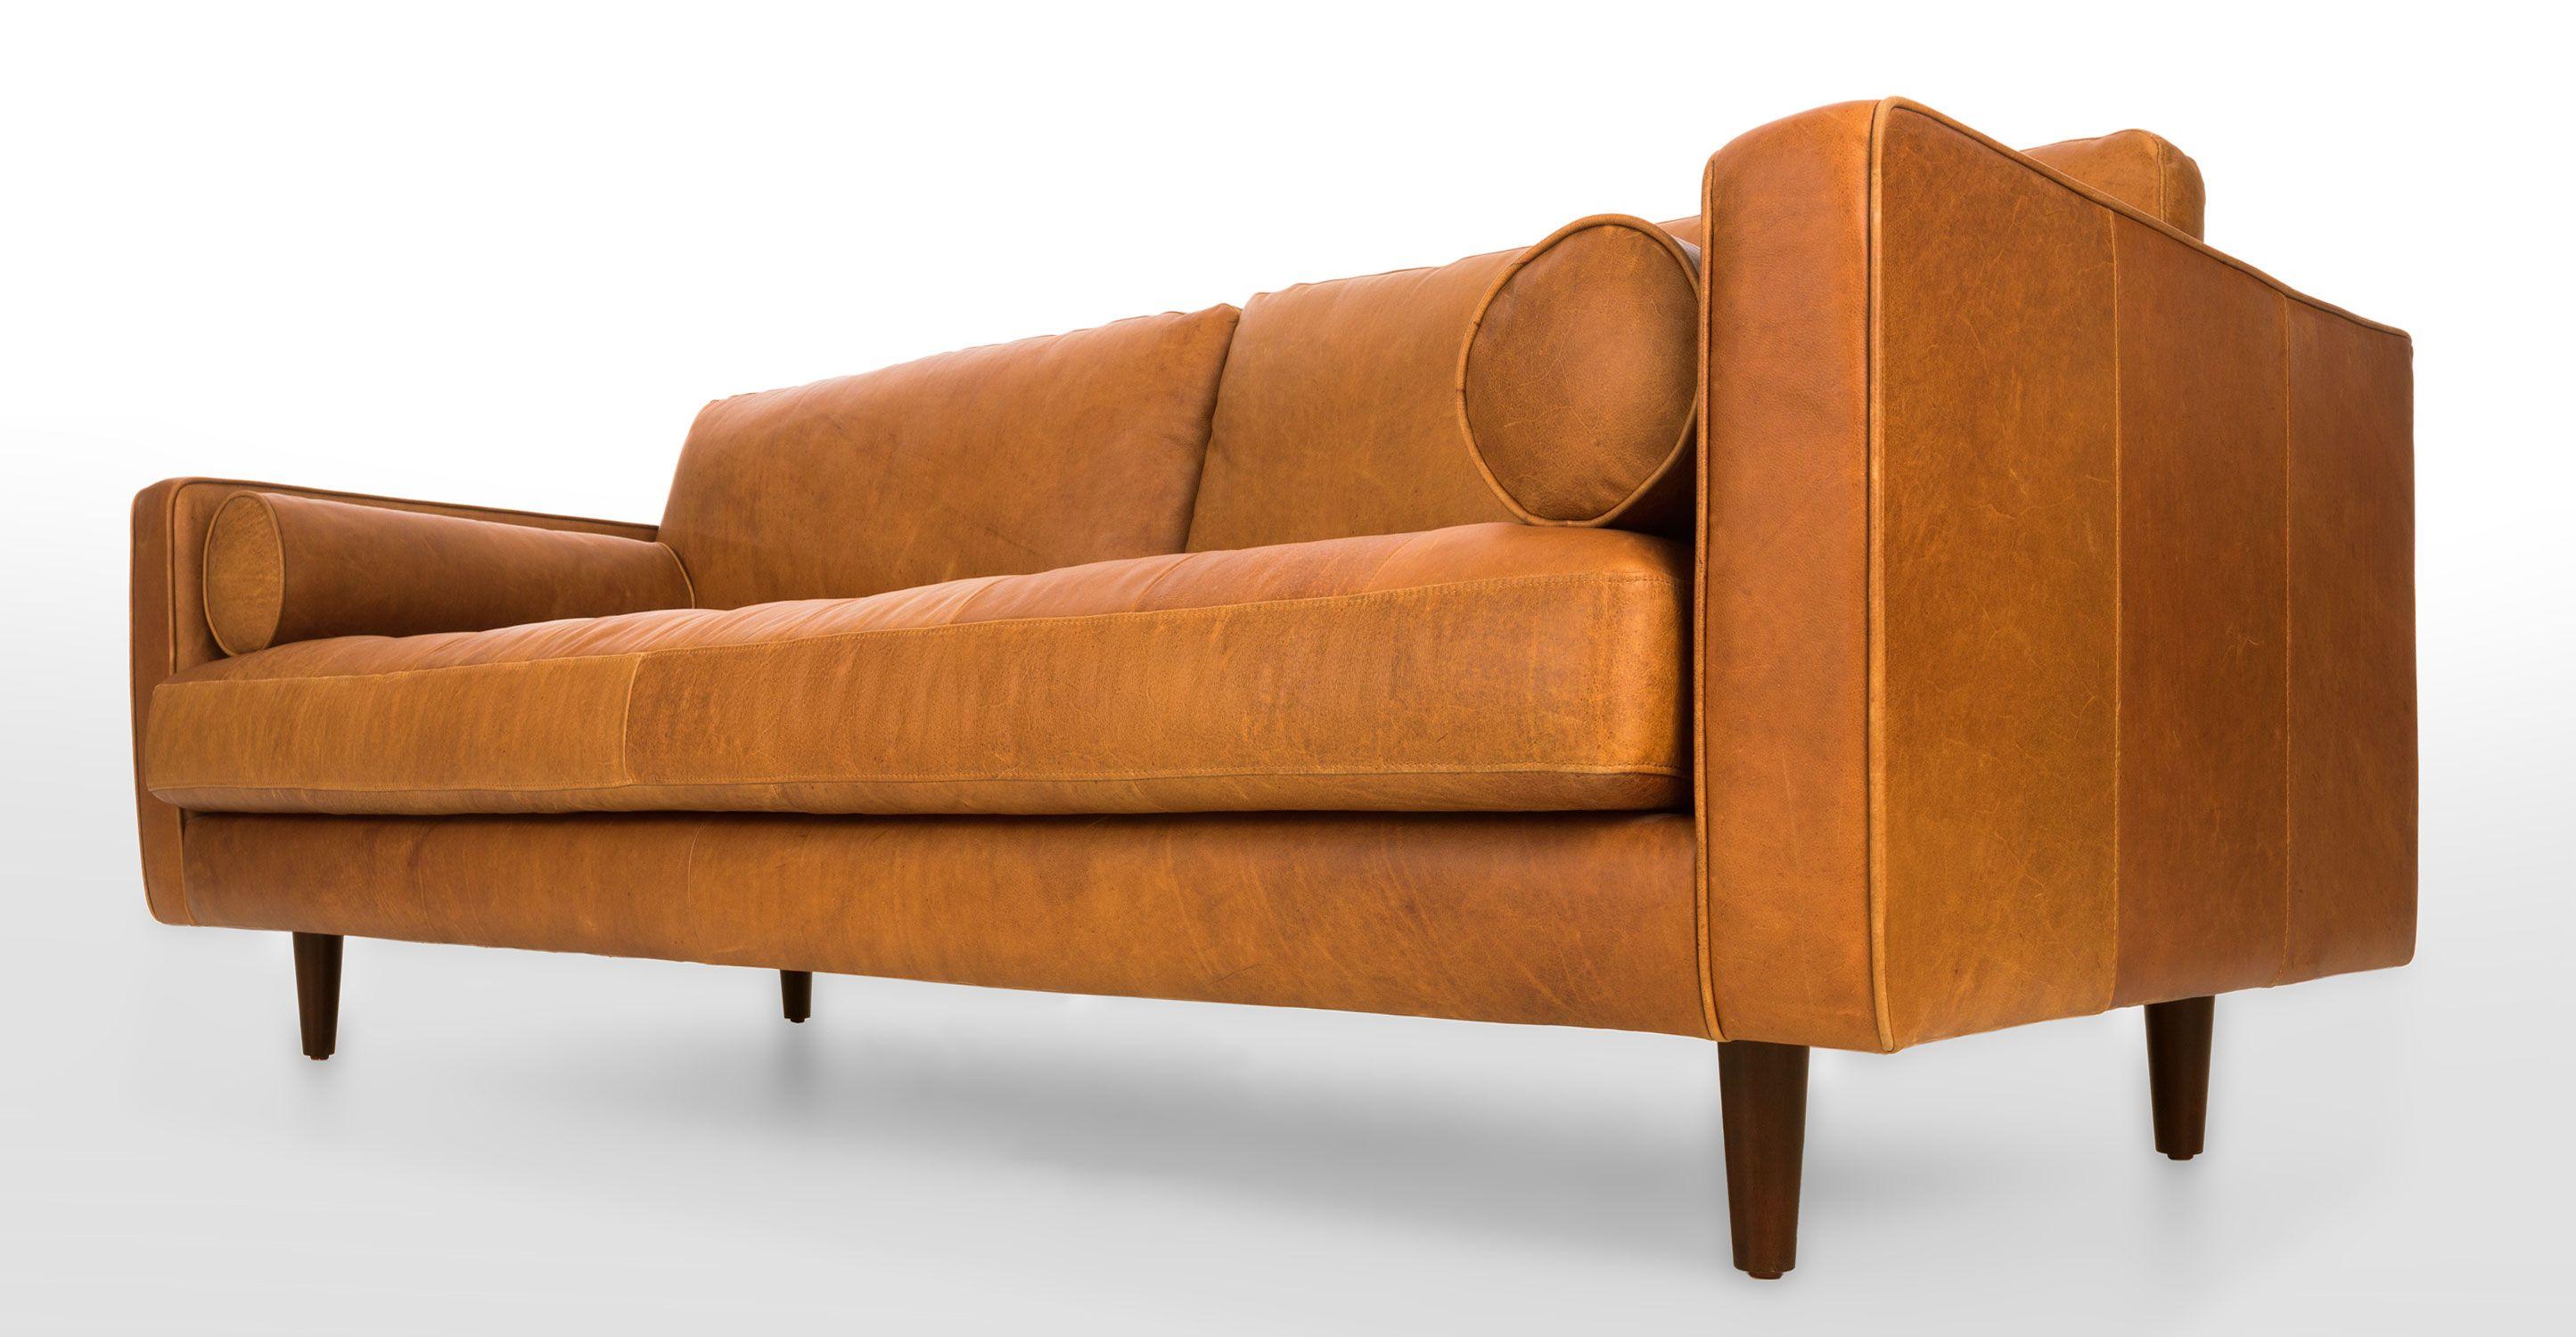 Teal Mid Century Modern Sofa   Cherie Mid Century Modern Furniture   Teal  Sofa, Scandinavian Furniture And Sofa Sofa